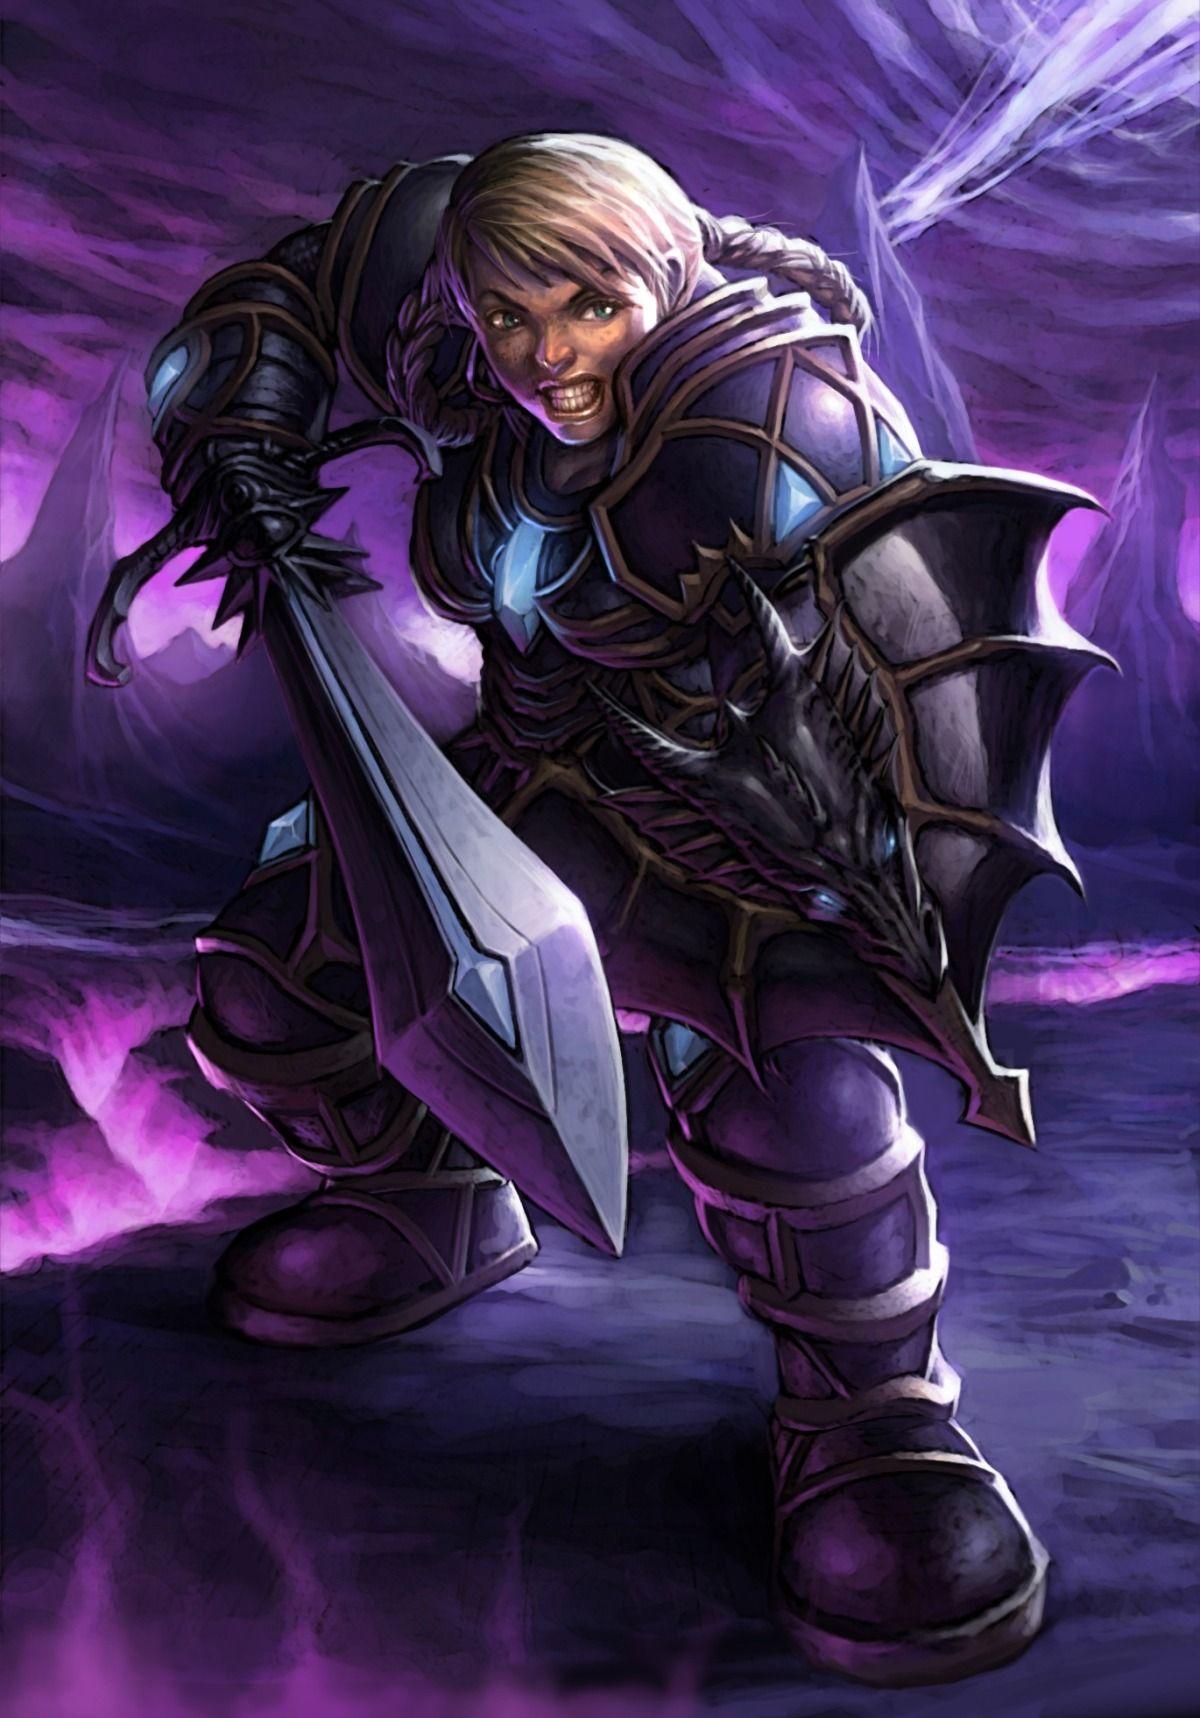 World Of Warcraft Female Dwarf Warrior Love Nerd Stuff